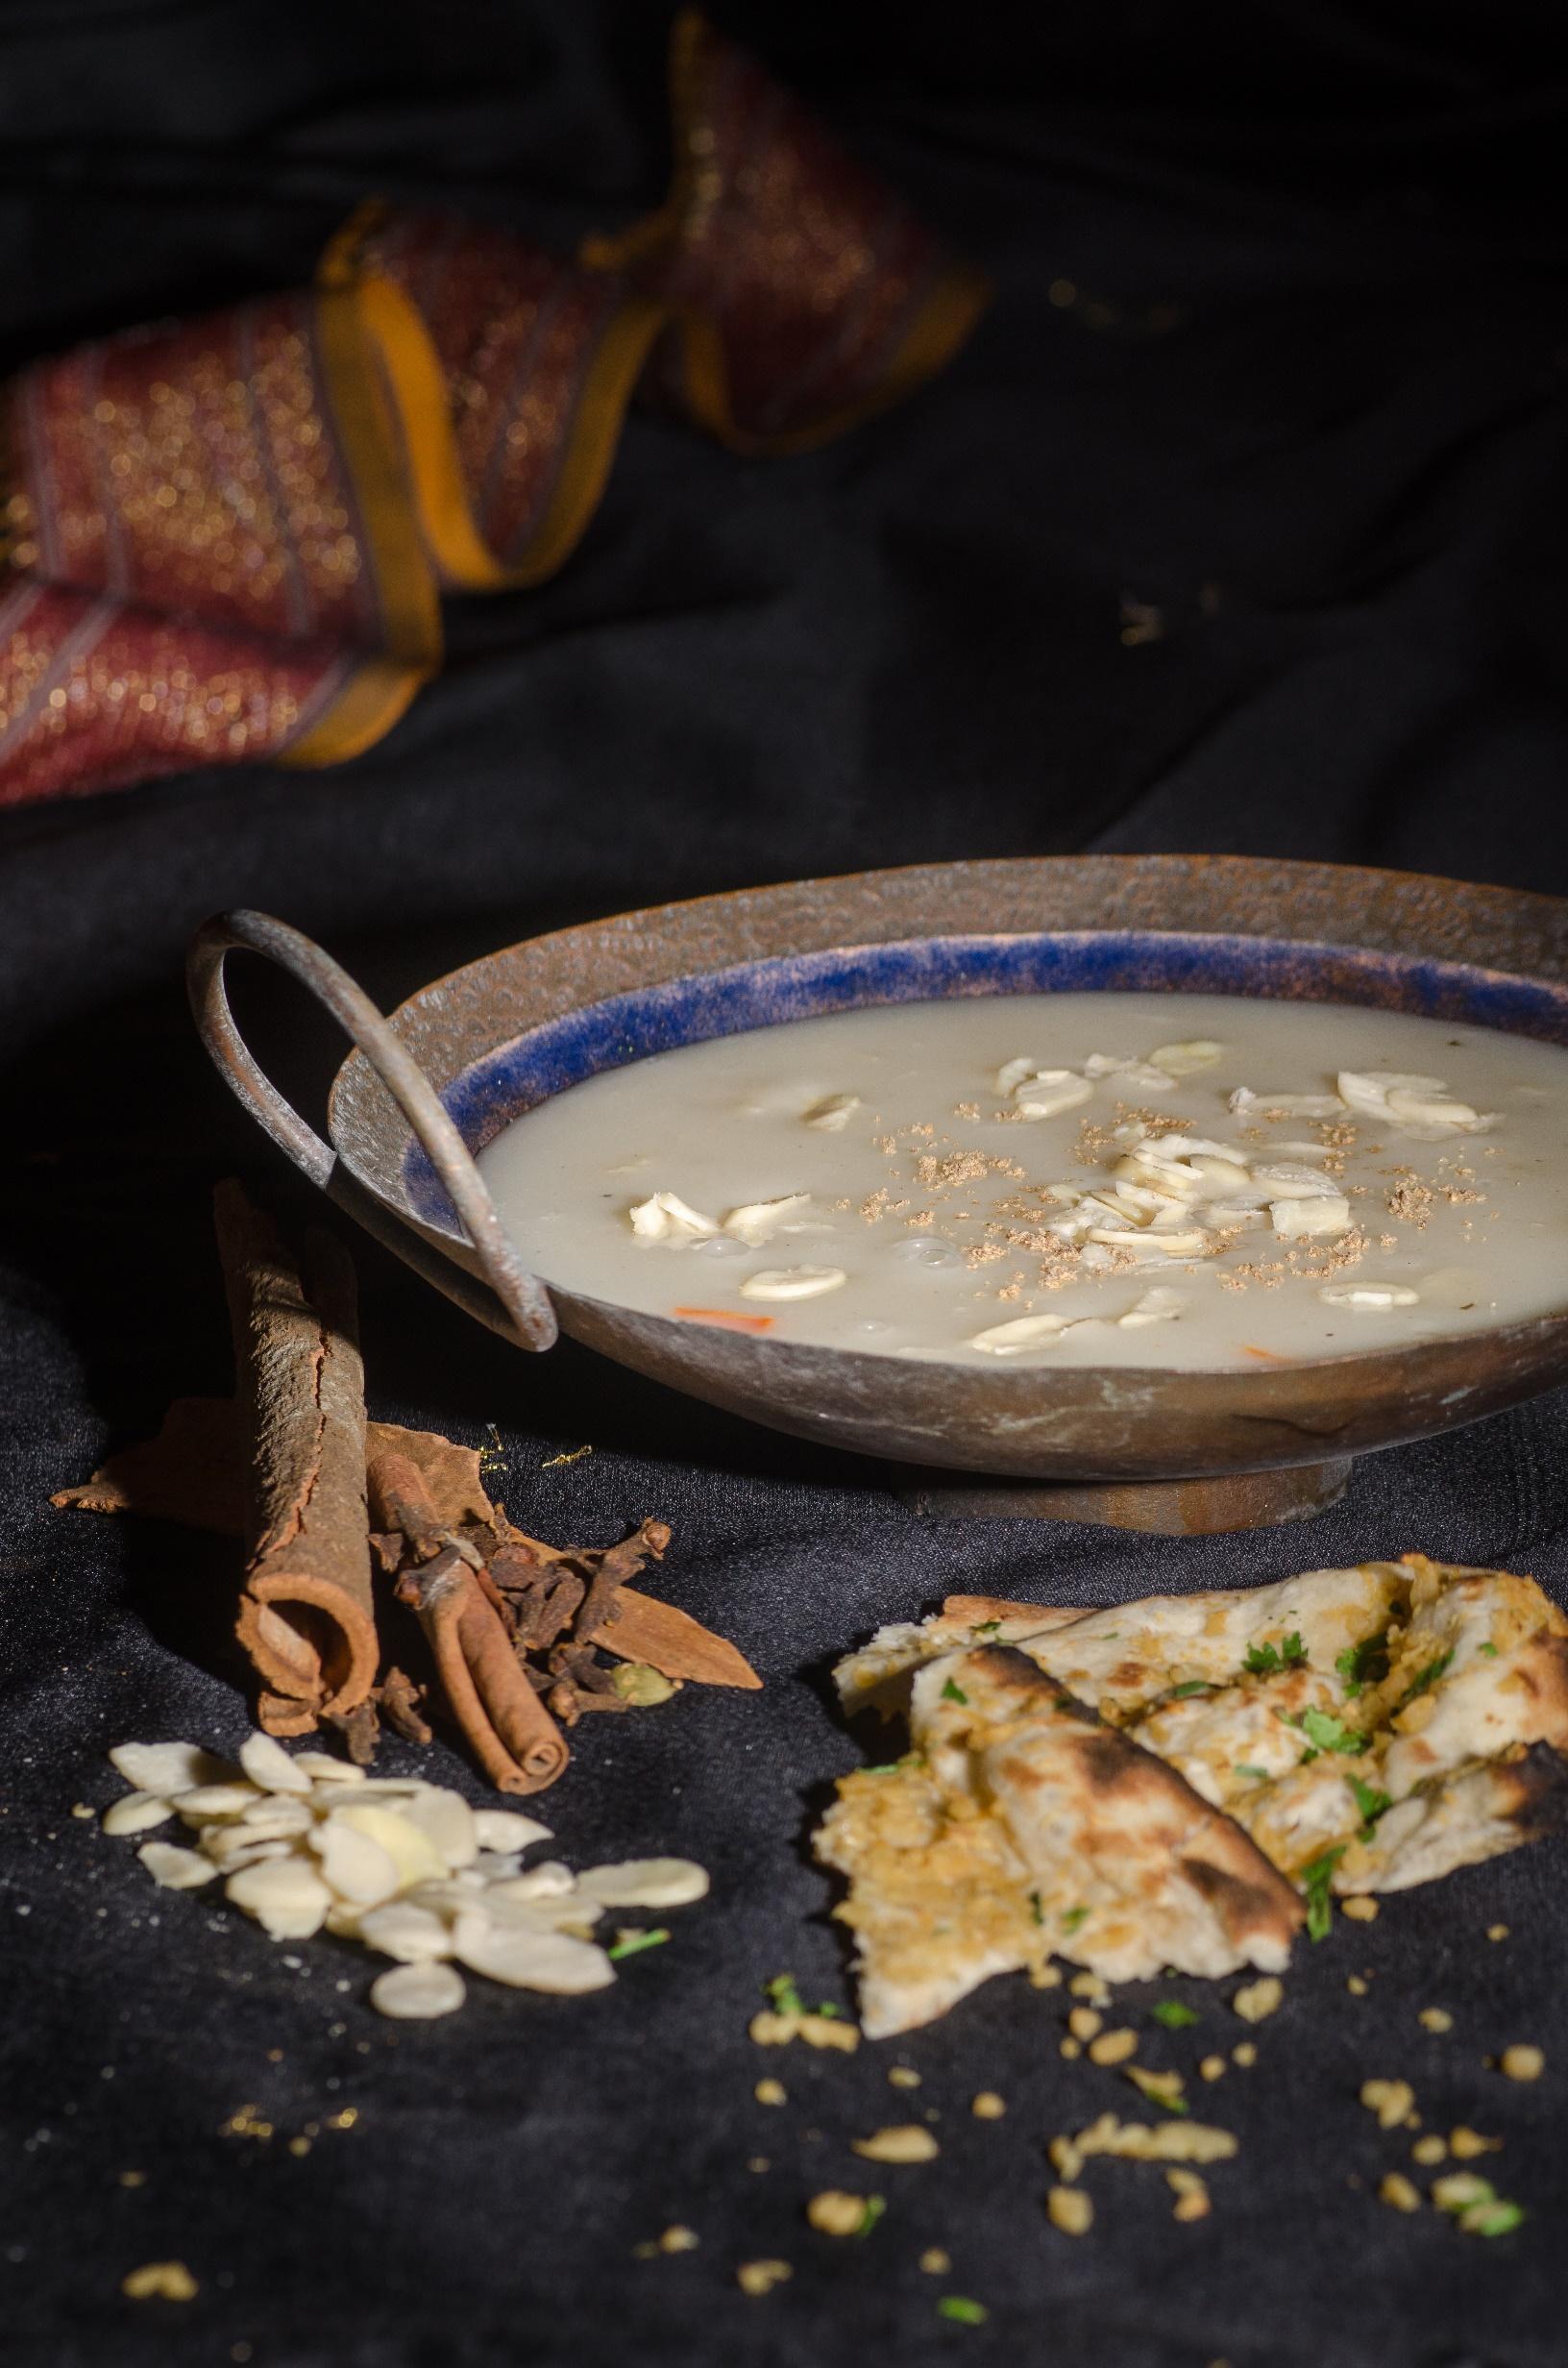 מרק שקדים עתיר תבלינים של טנדורי (צילום: יפית בשבקין)